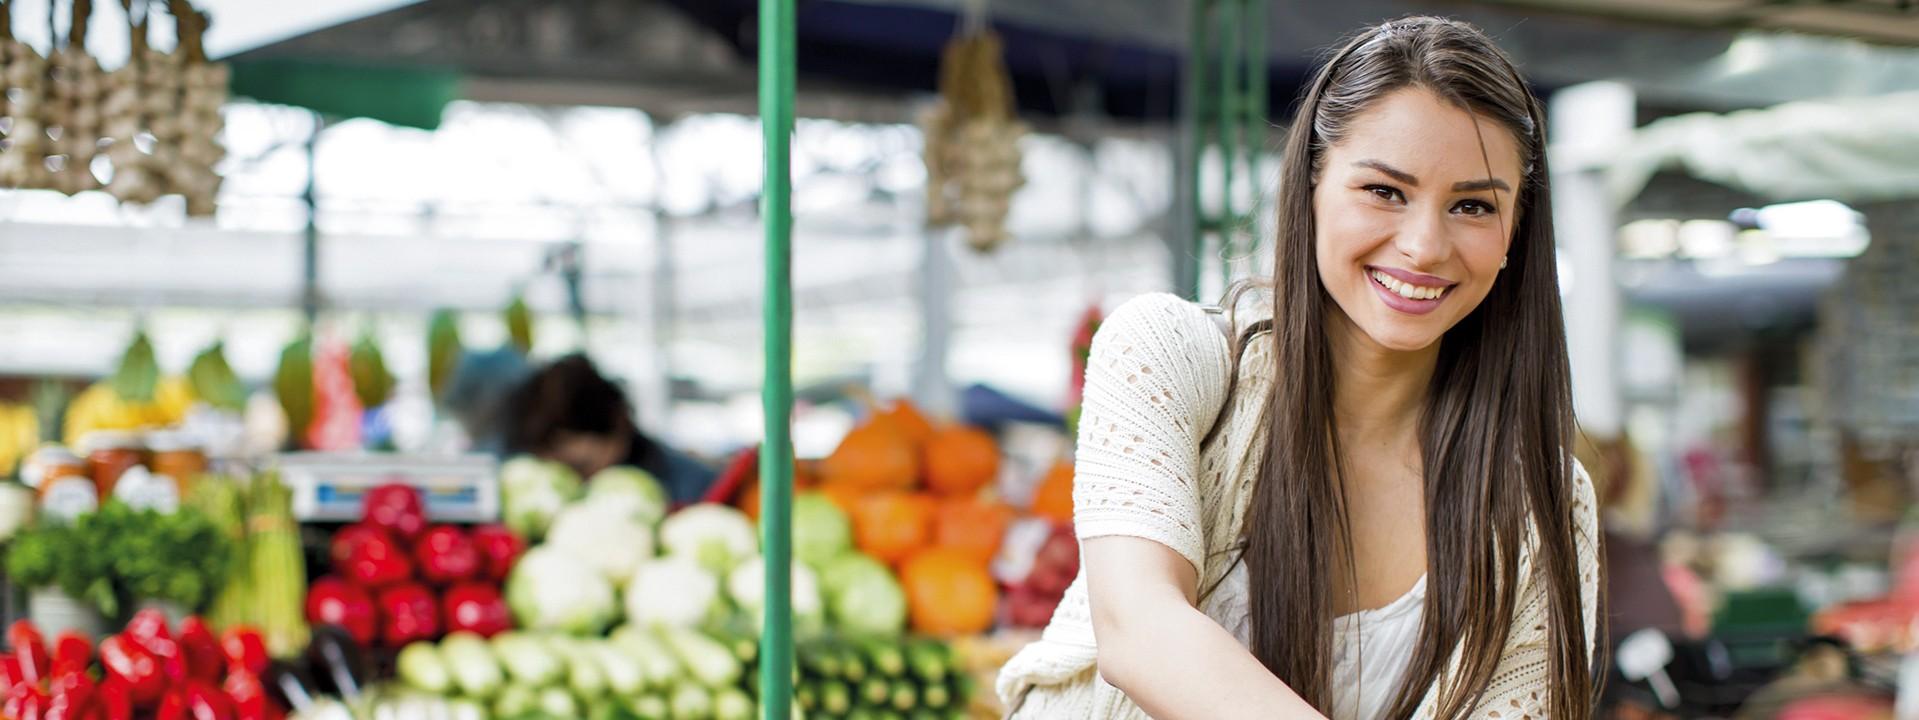 Brünette junge Frau kauft auf einem Markt Gemüse ein und lächelt.